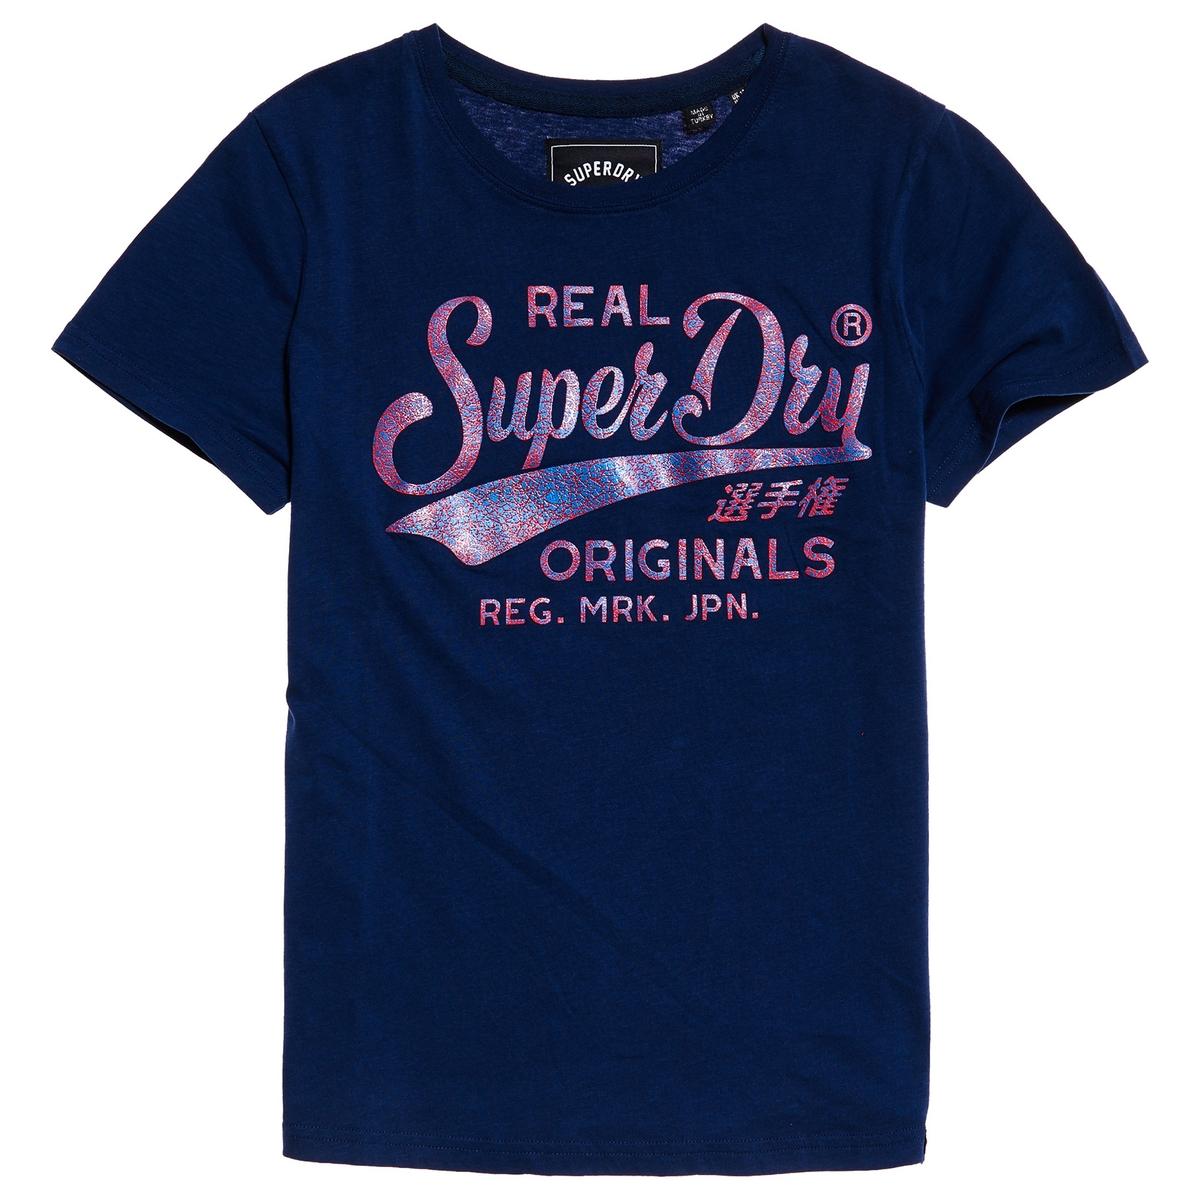 Imagen principal de producto de Camiseta con estampado delante Real Originals - Superdry